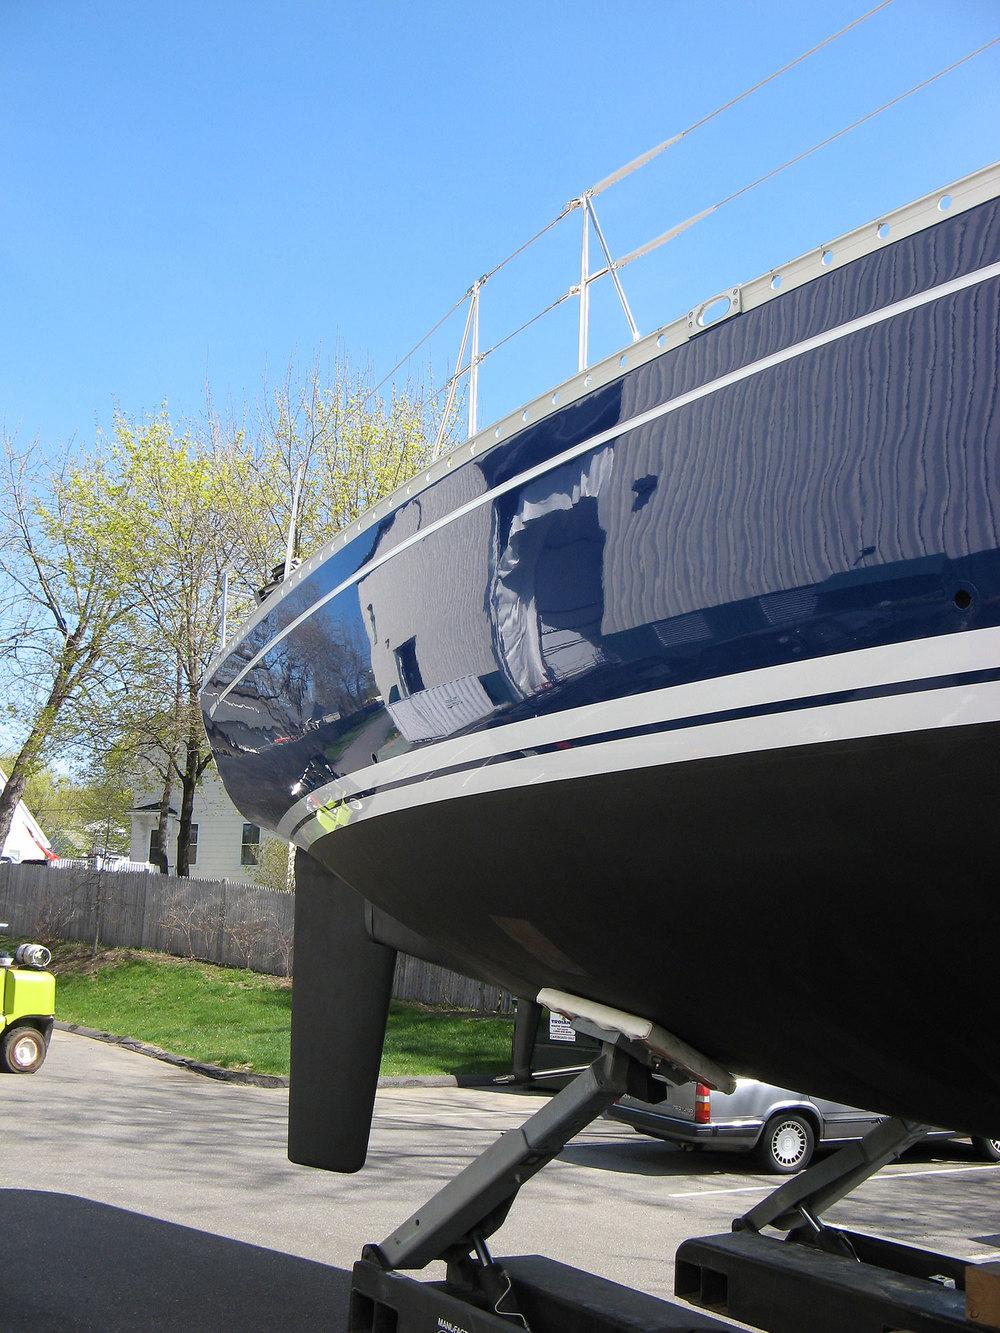 51' Swan Sailboat